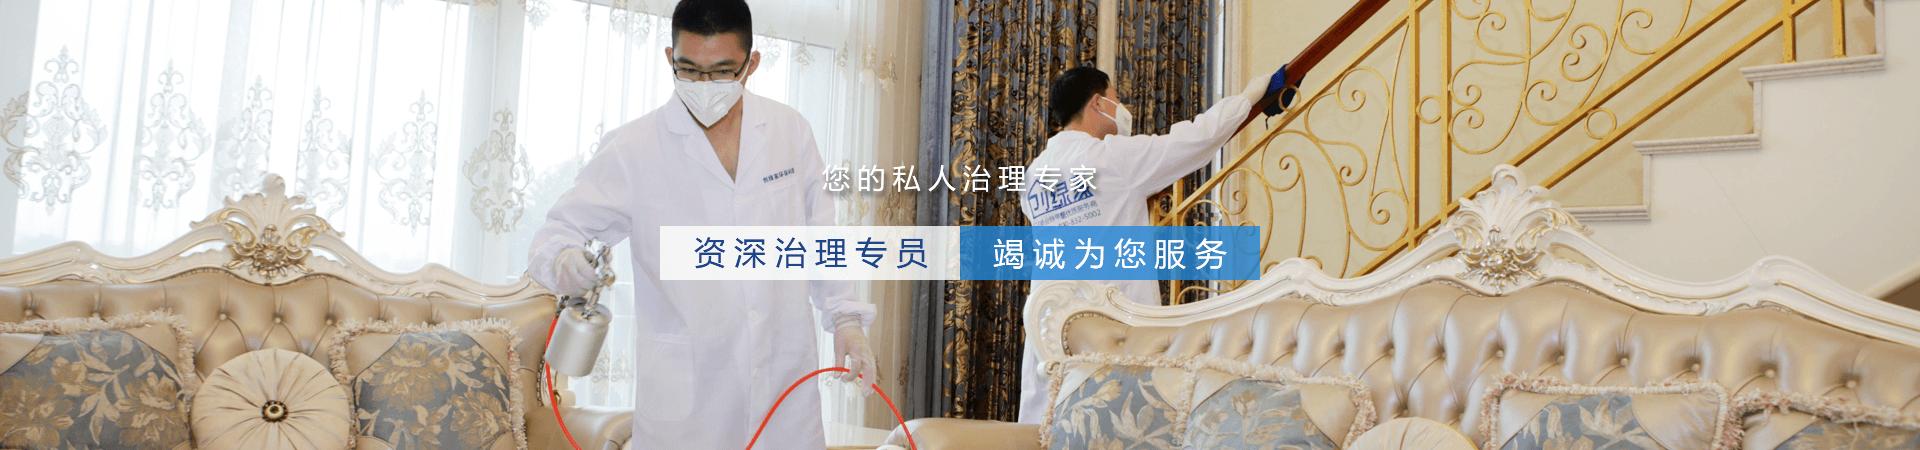 杭州创绿家,您的私人管家,呵护您的呼吸健康